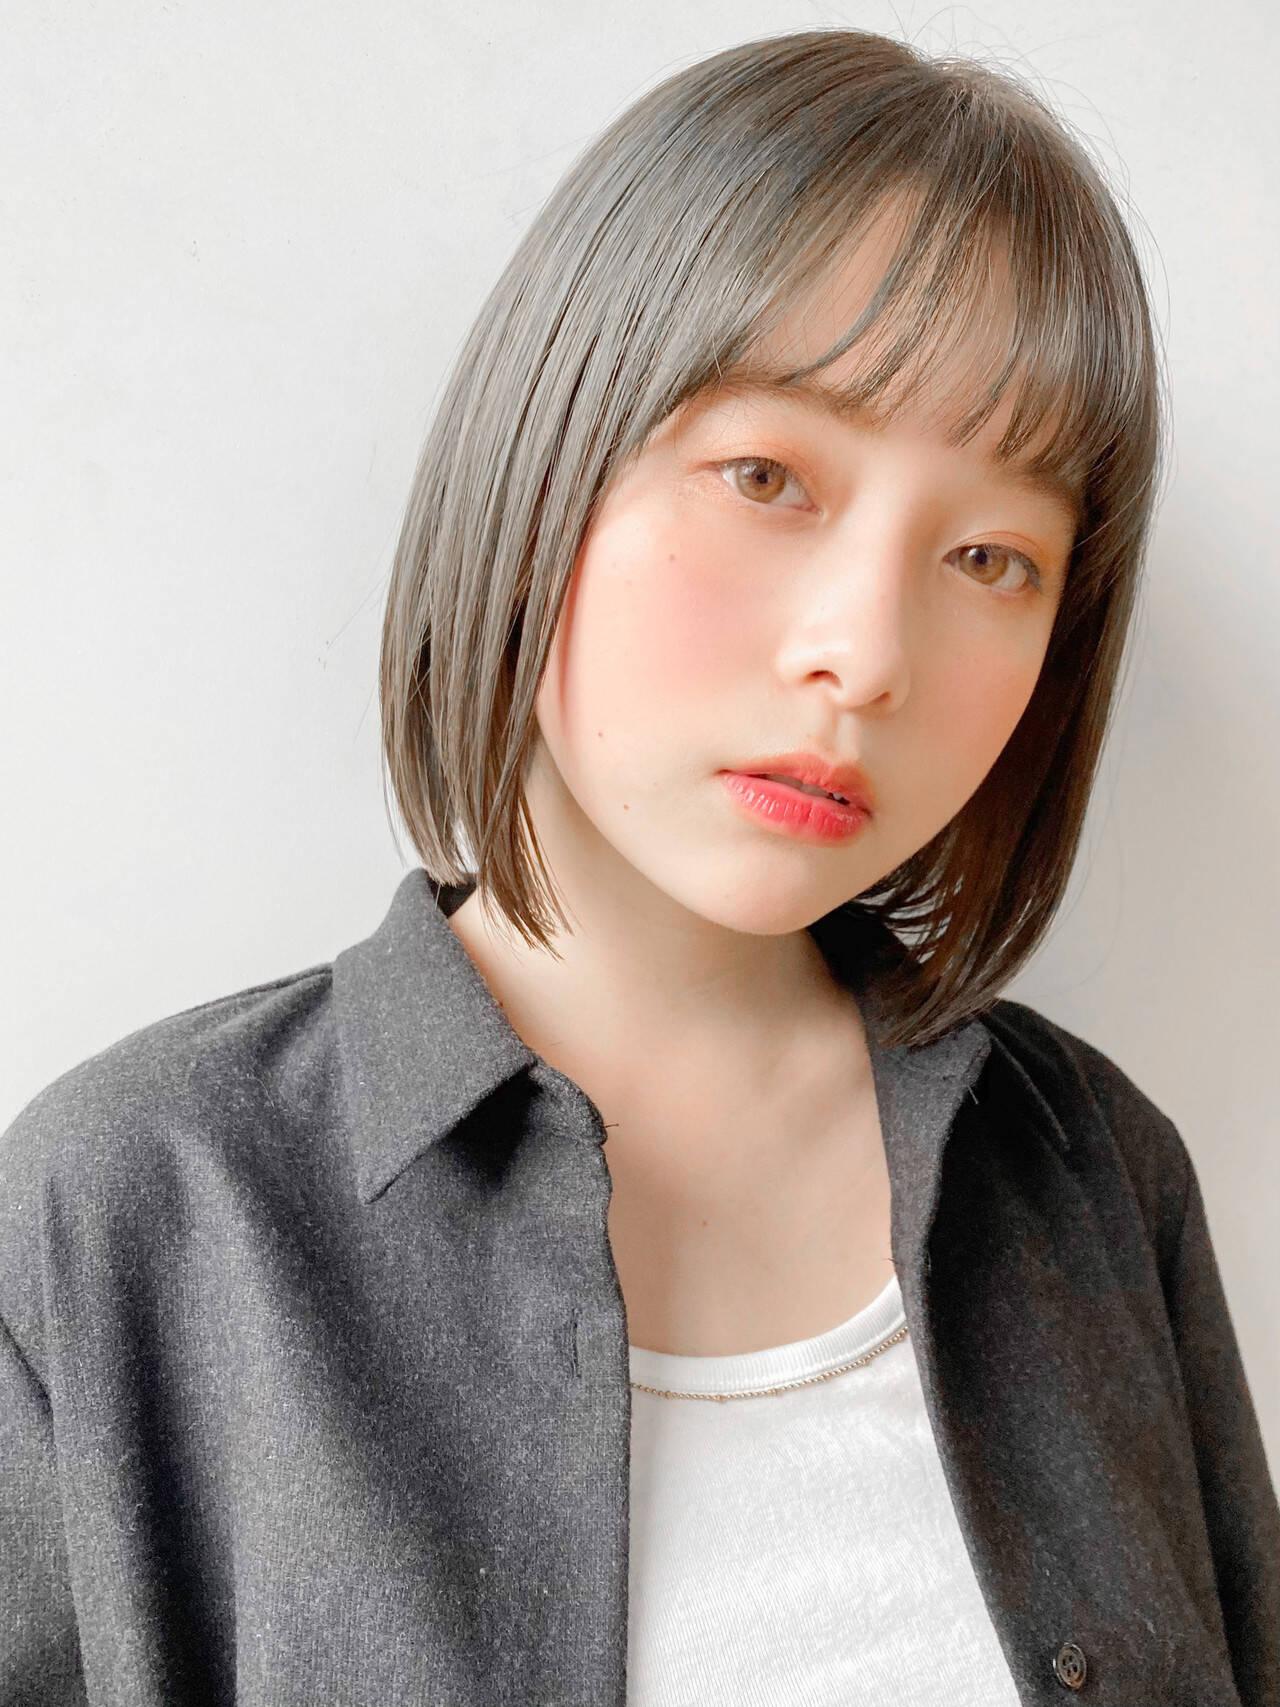 ゆるふわパーマ 似合わせカット レイヤースタイル ハイライトヘアスタイルや髪型の写真・画像